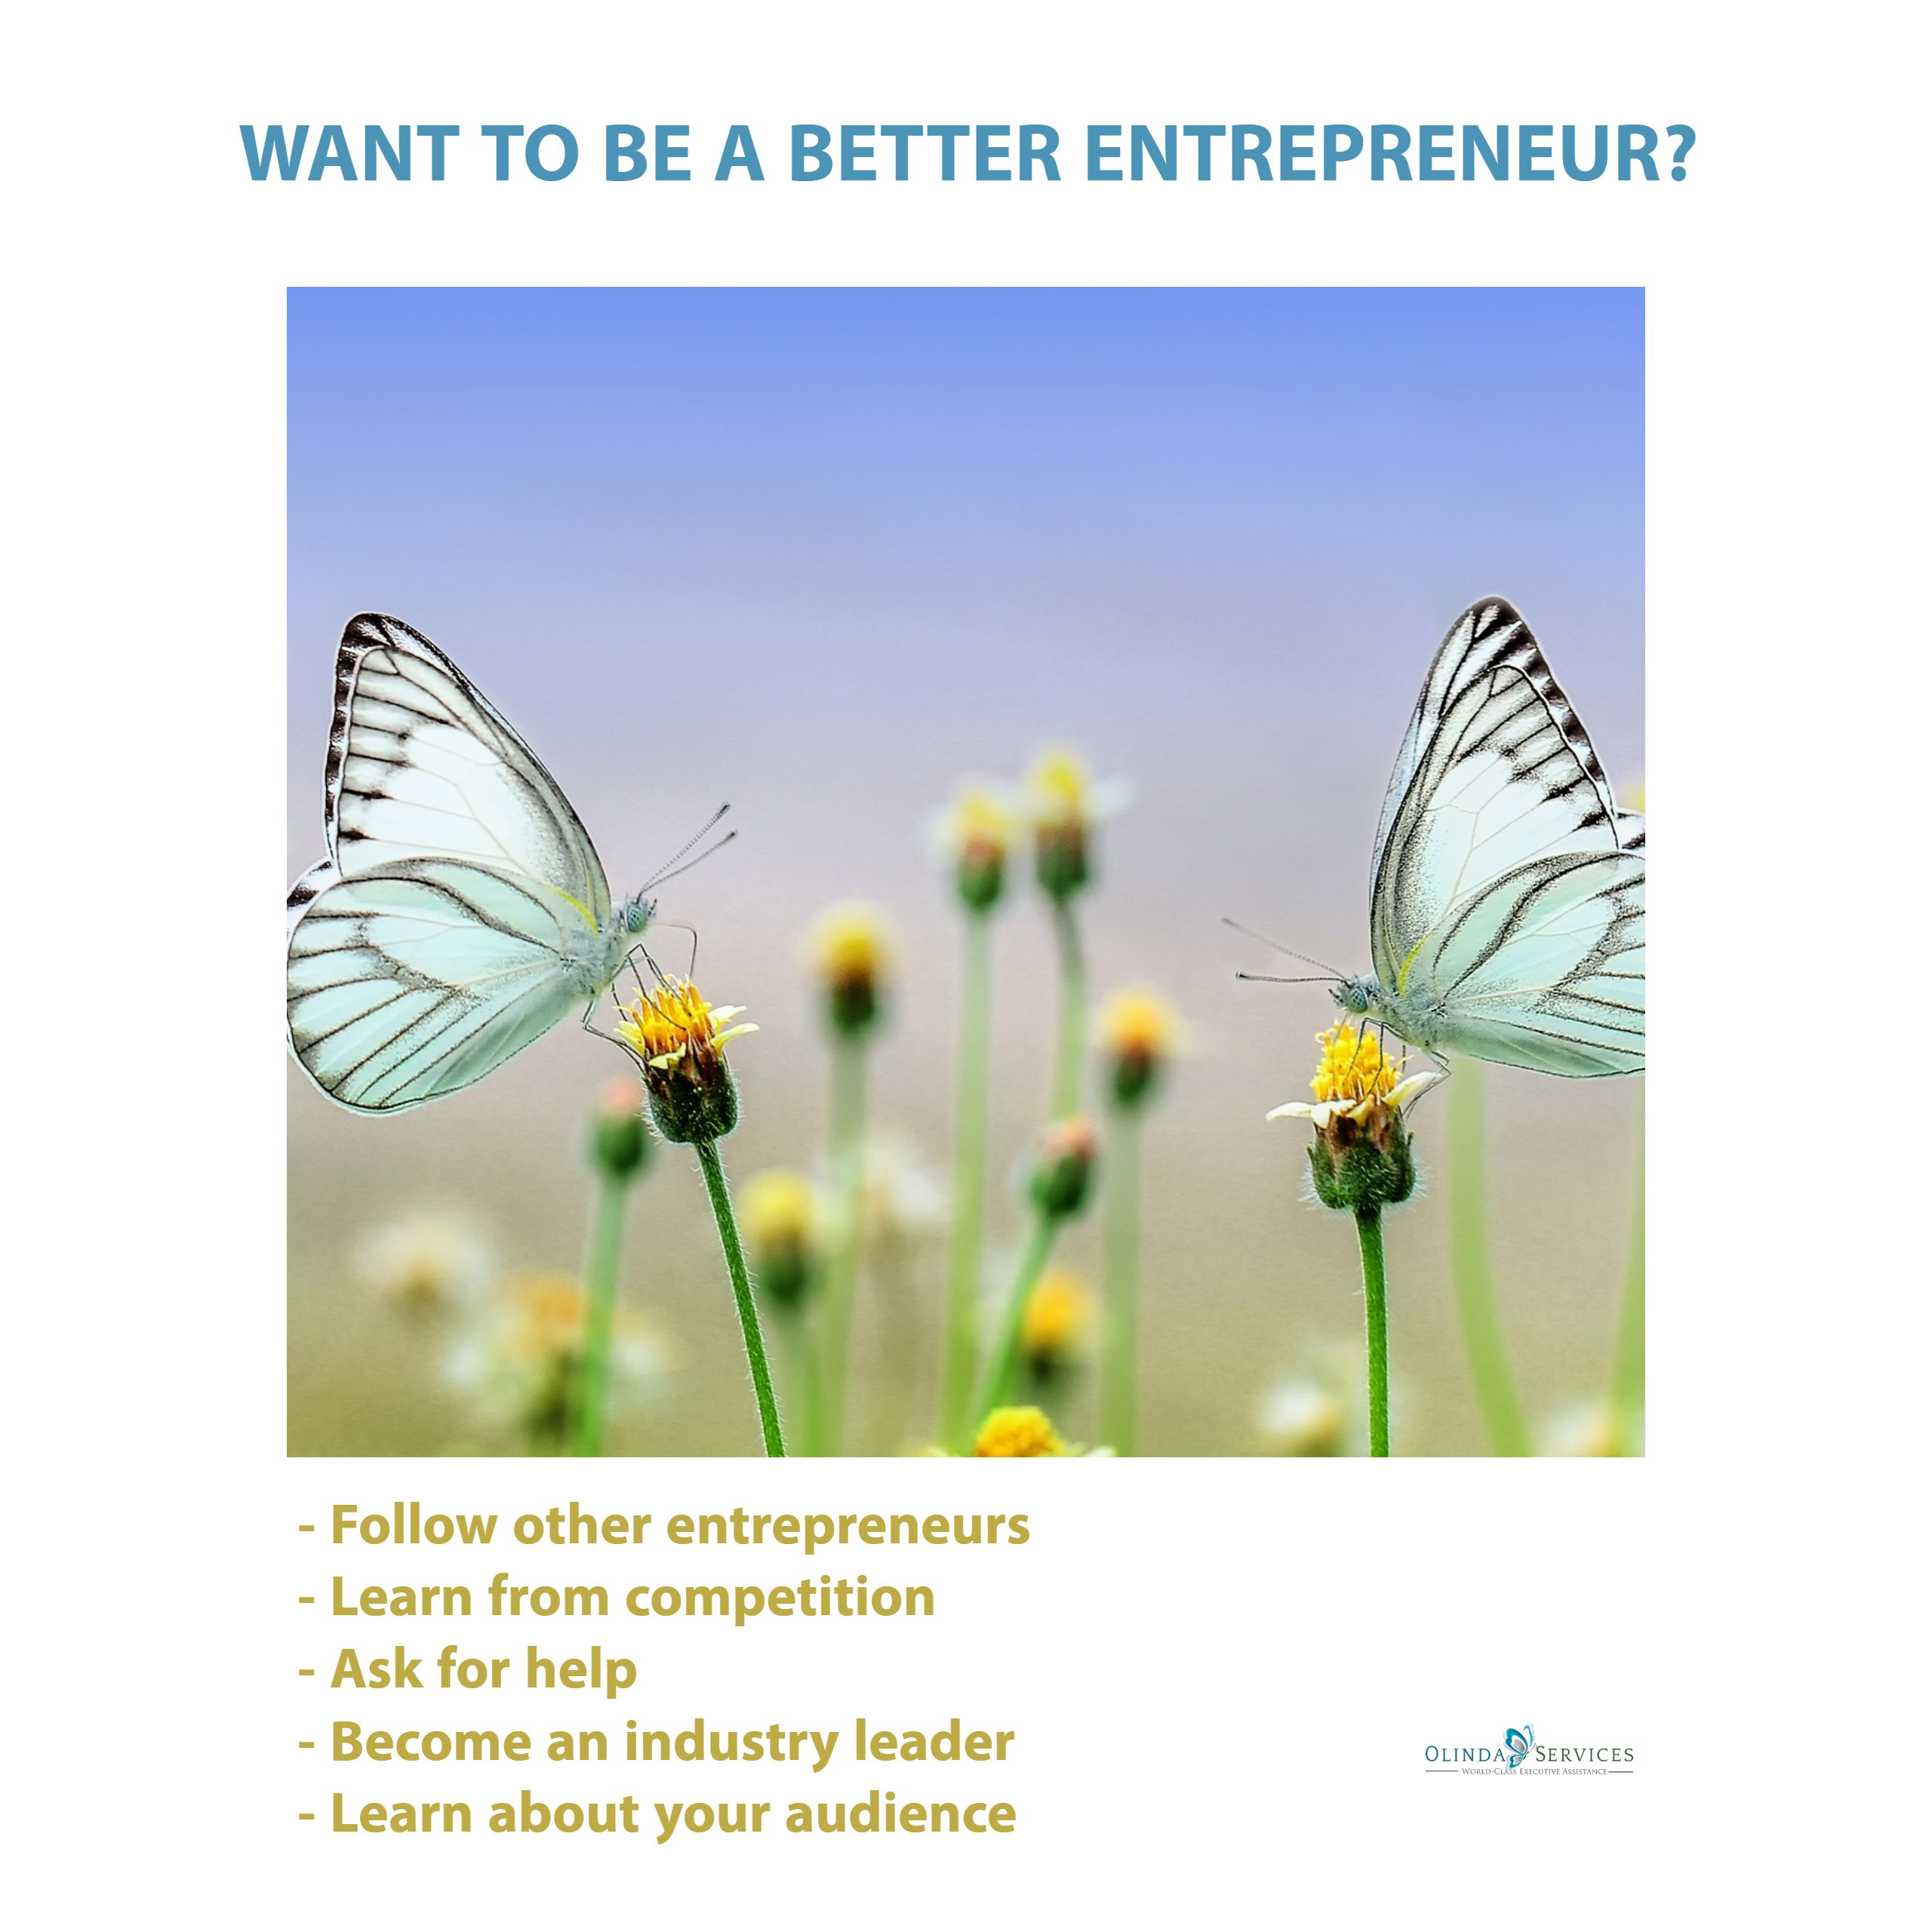 Better Entreprenuer